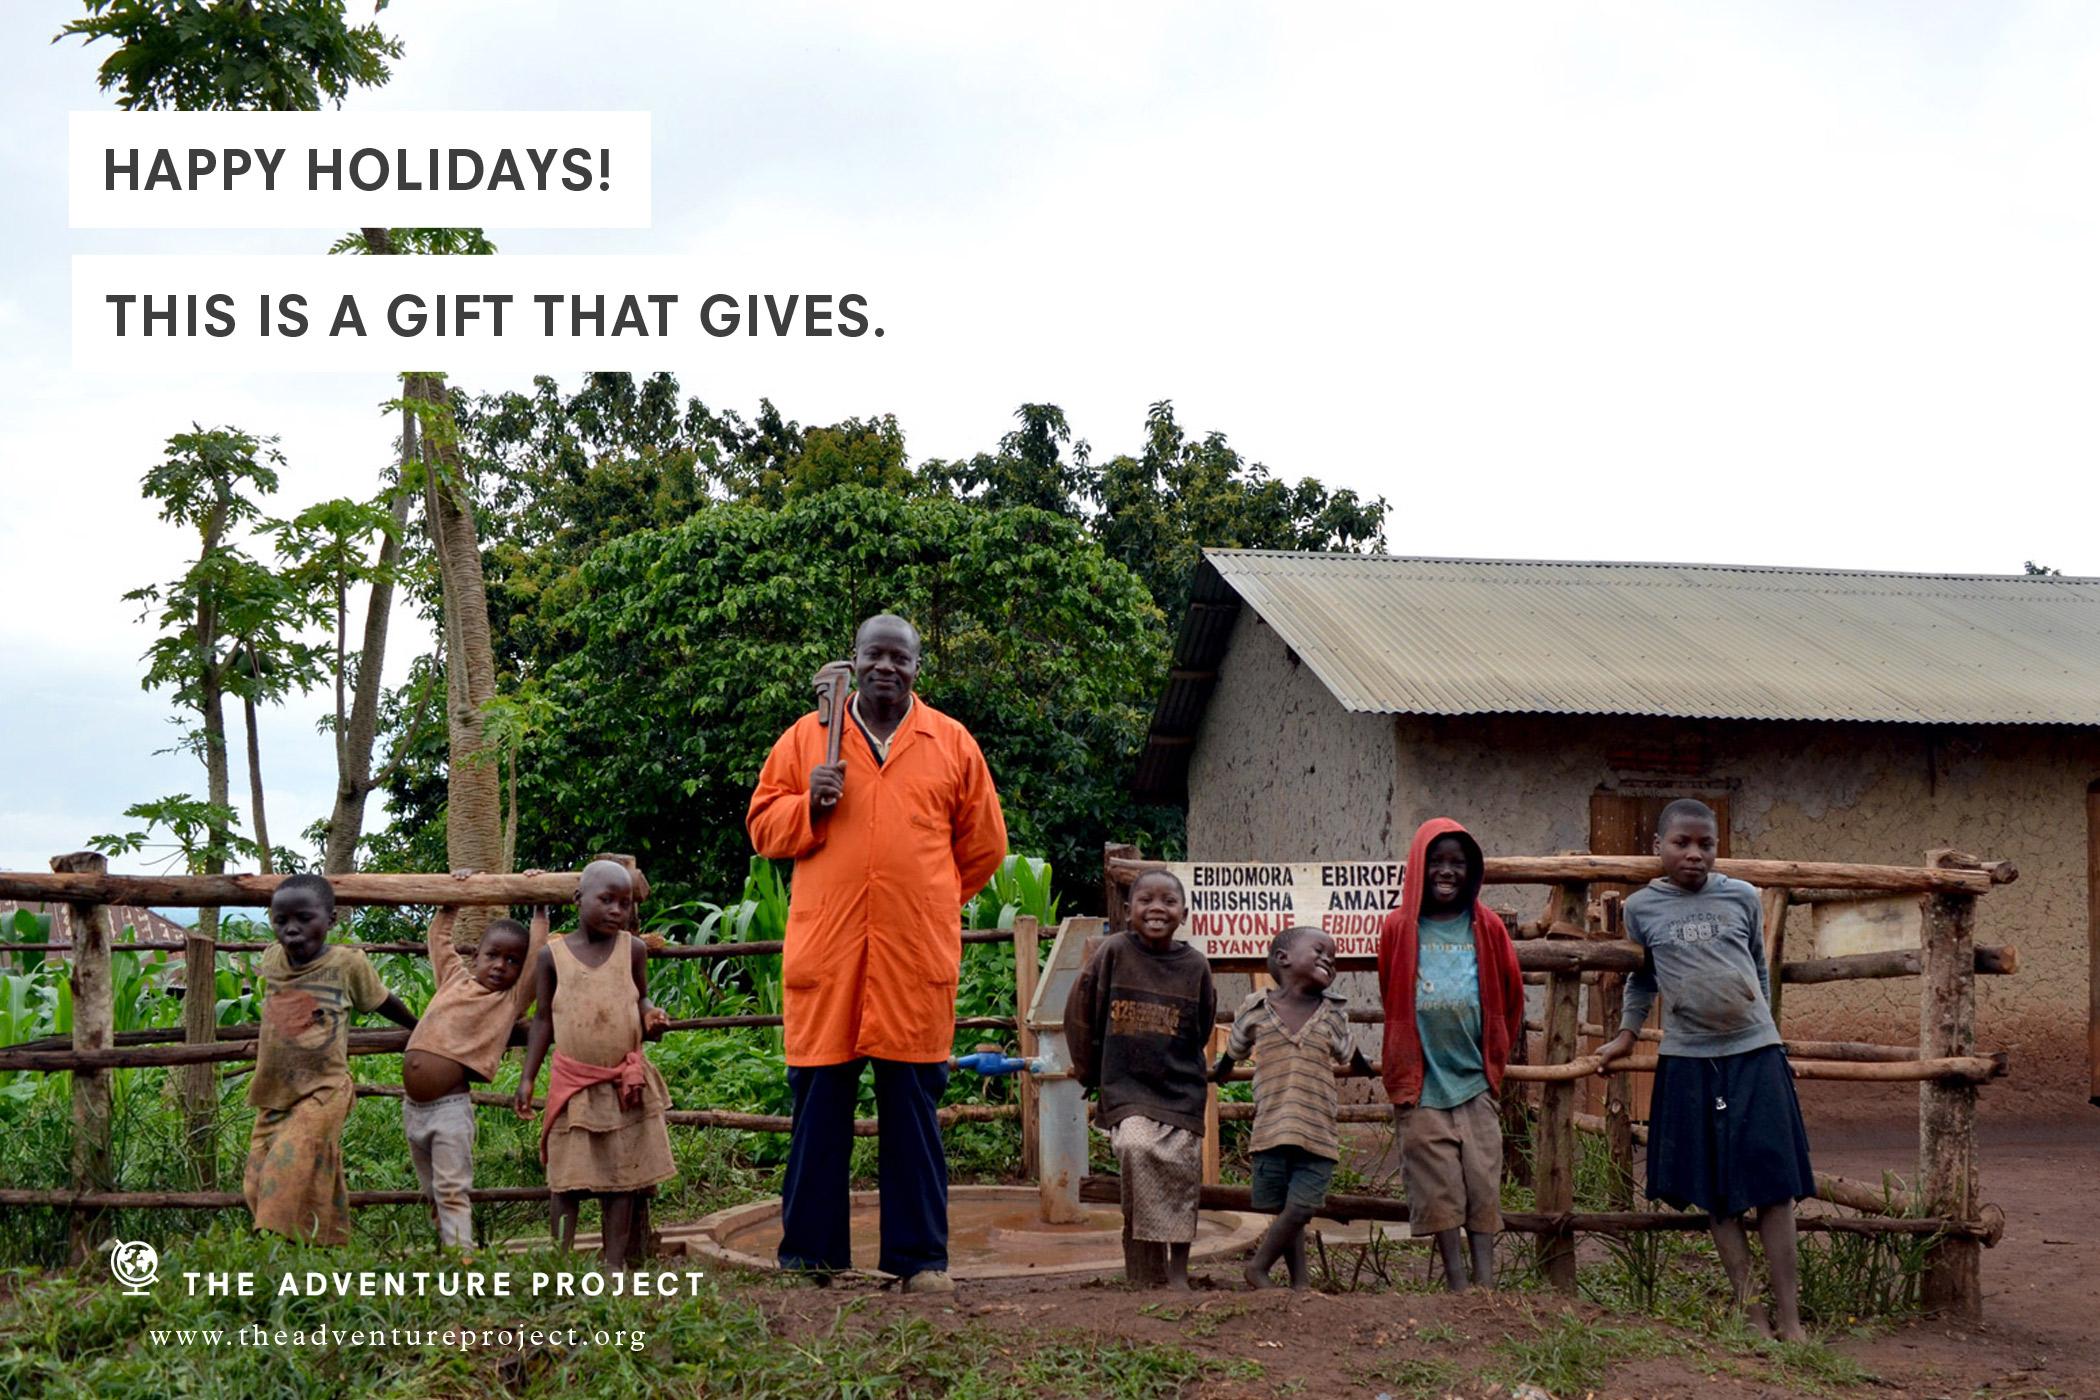 Holiday-e-card-Health-for-Uganda copy.jpg